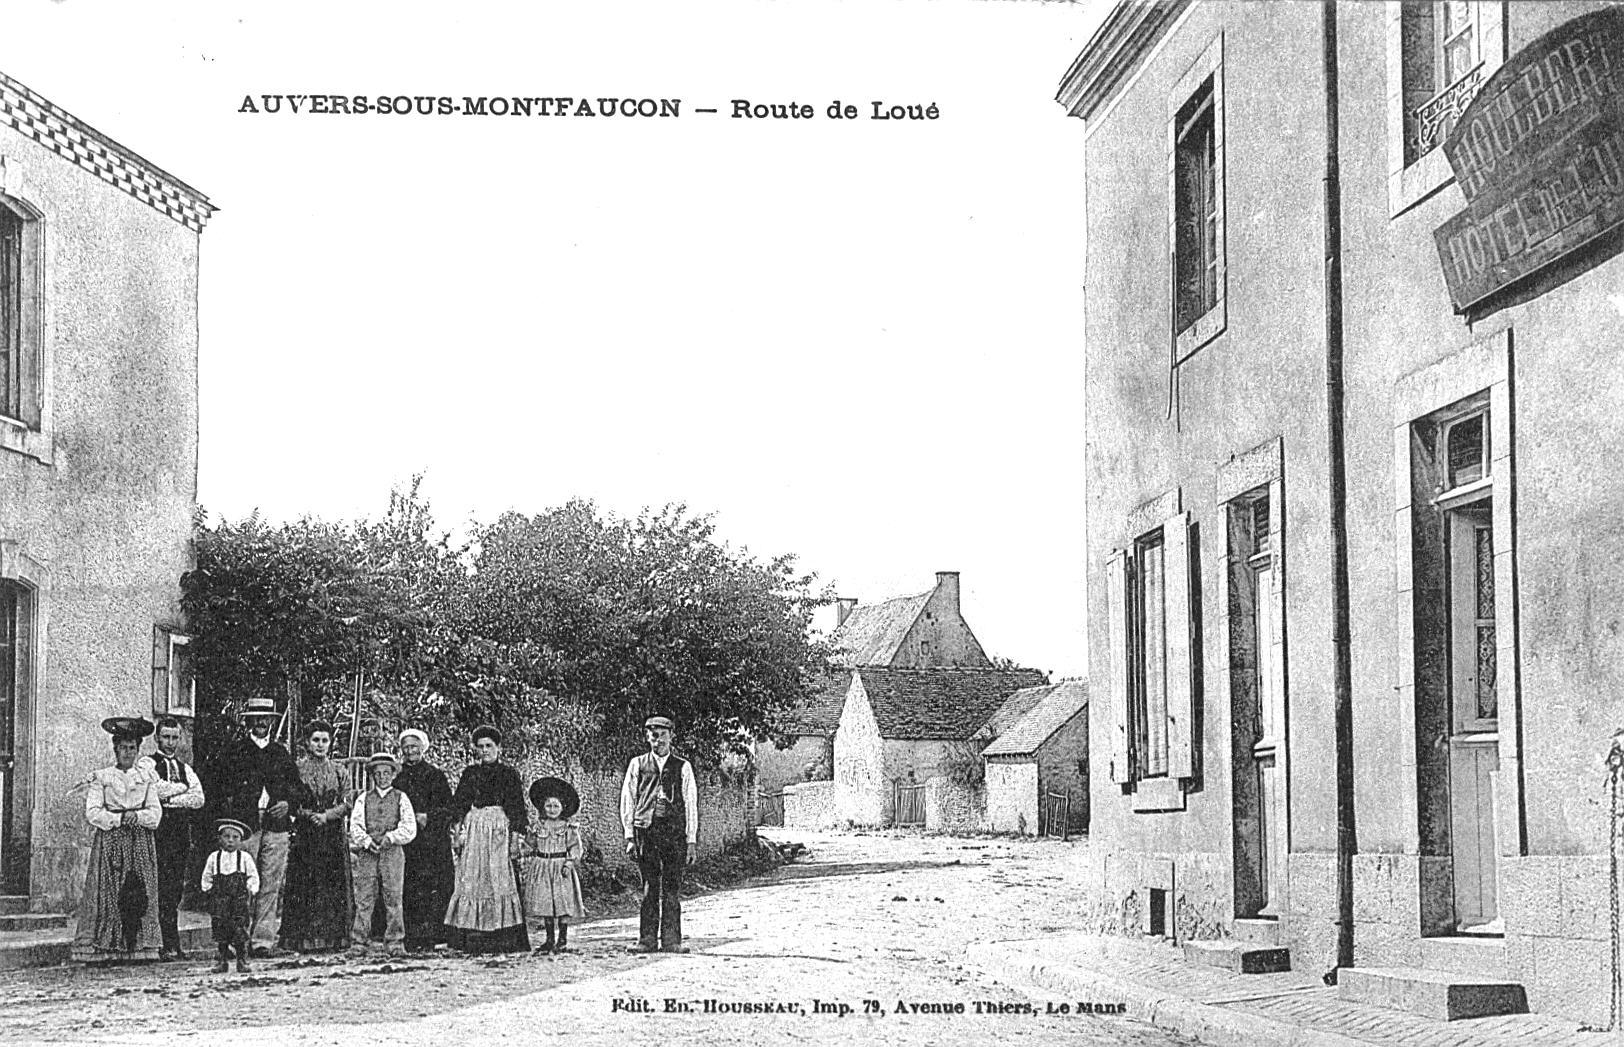 Auvers sous Montfaucon - Route de Loué